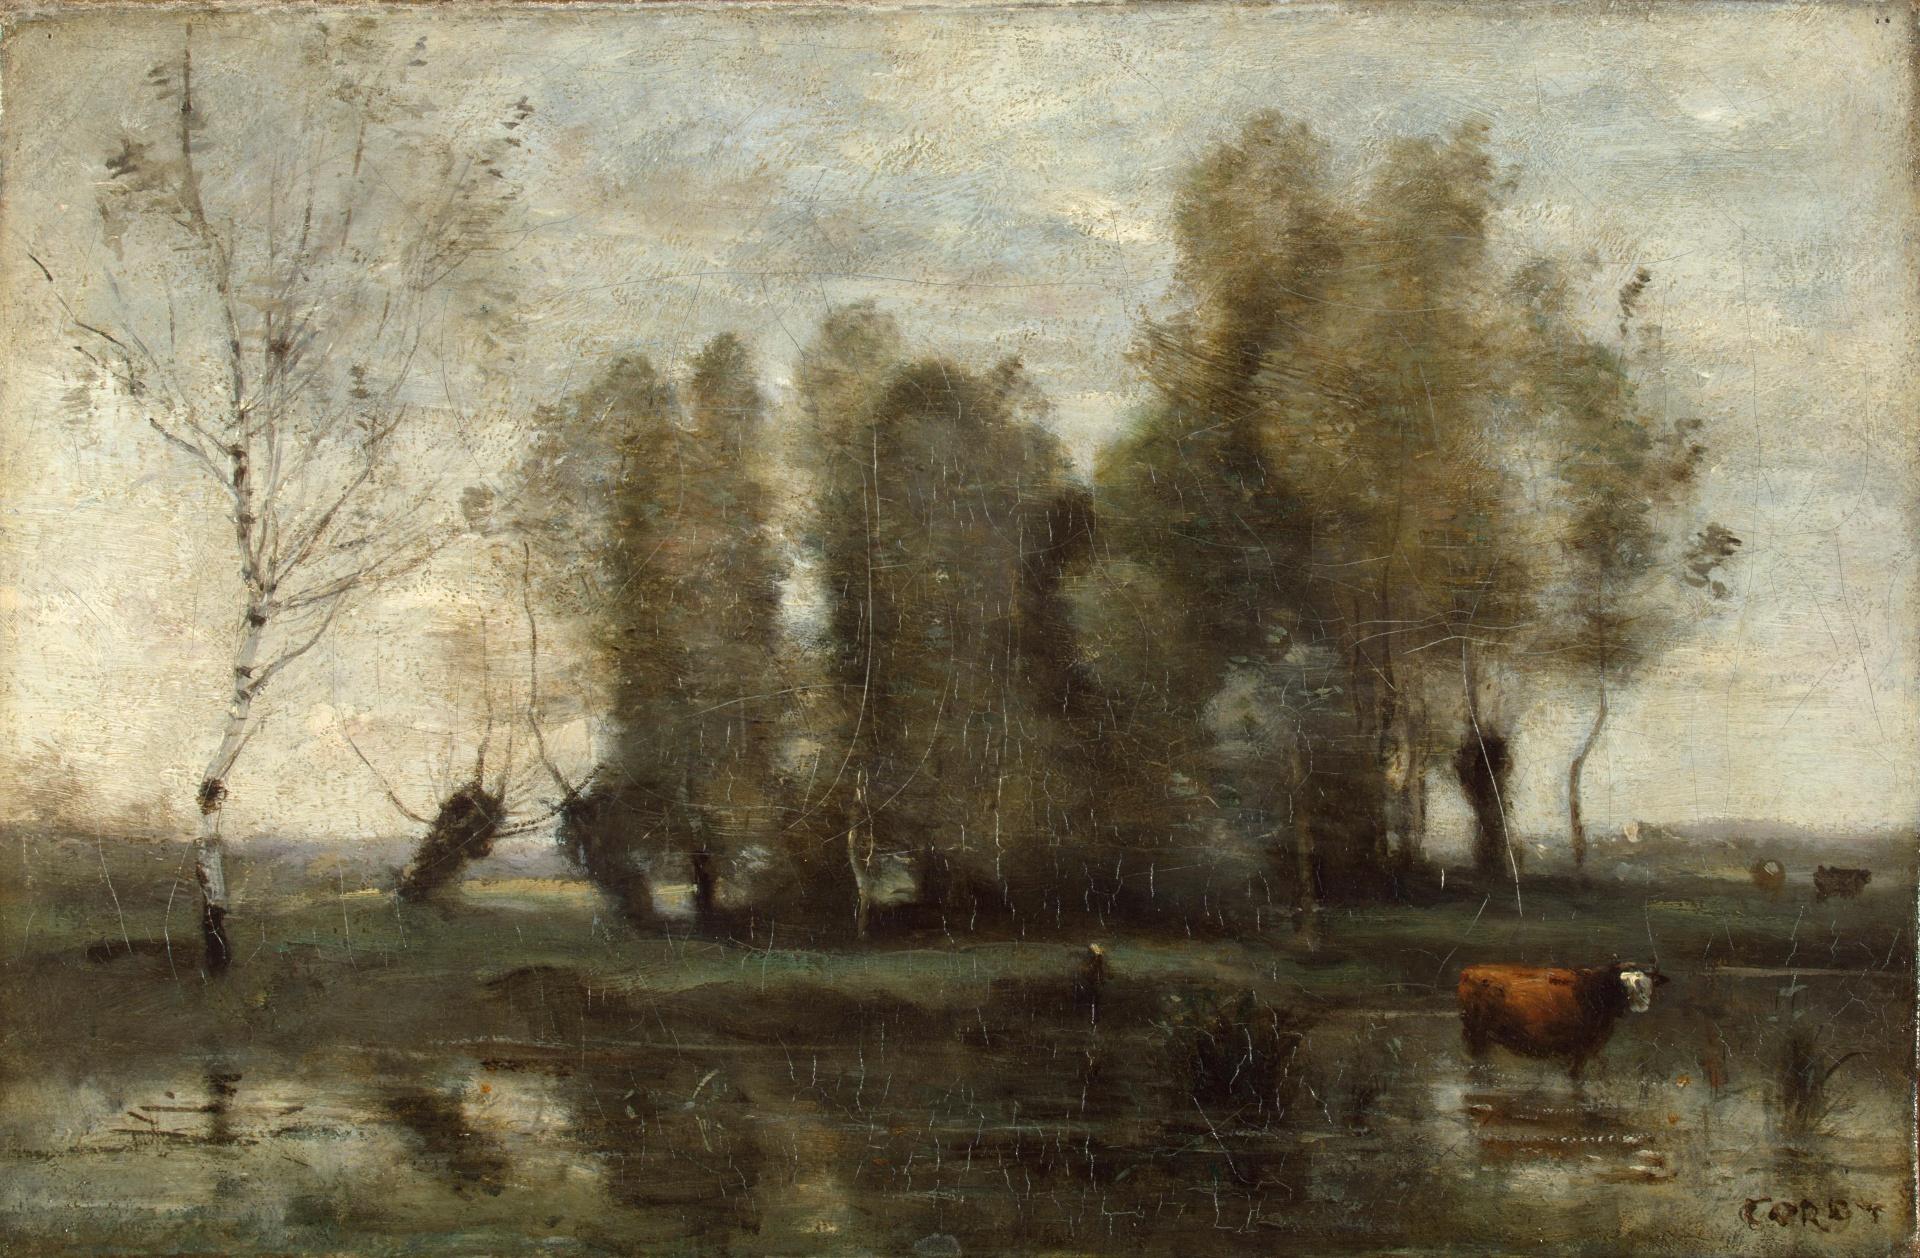 художник Камиль КОРО (1796-1875) / «Деревья среди болота»